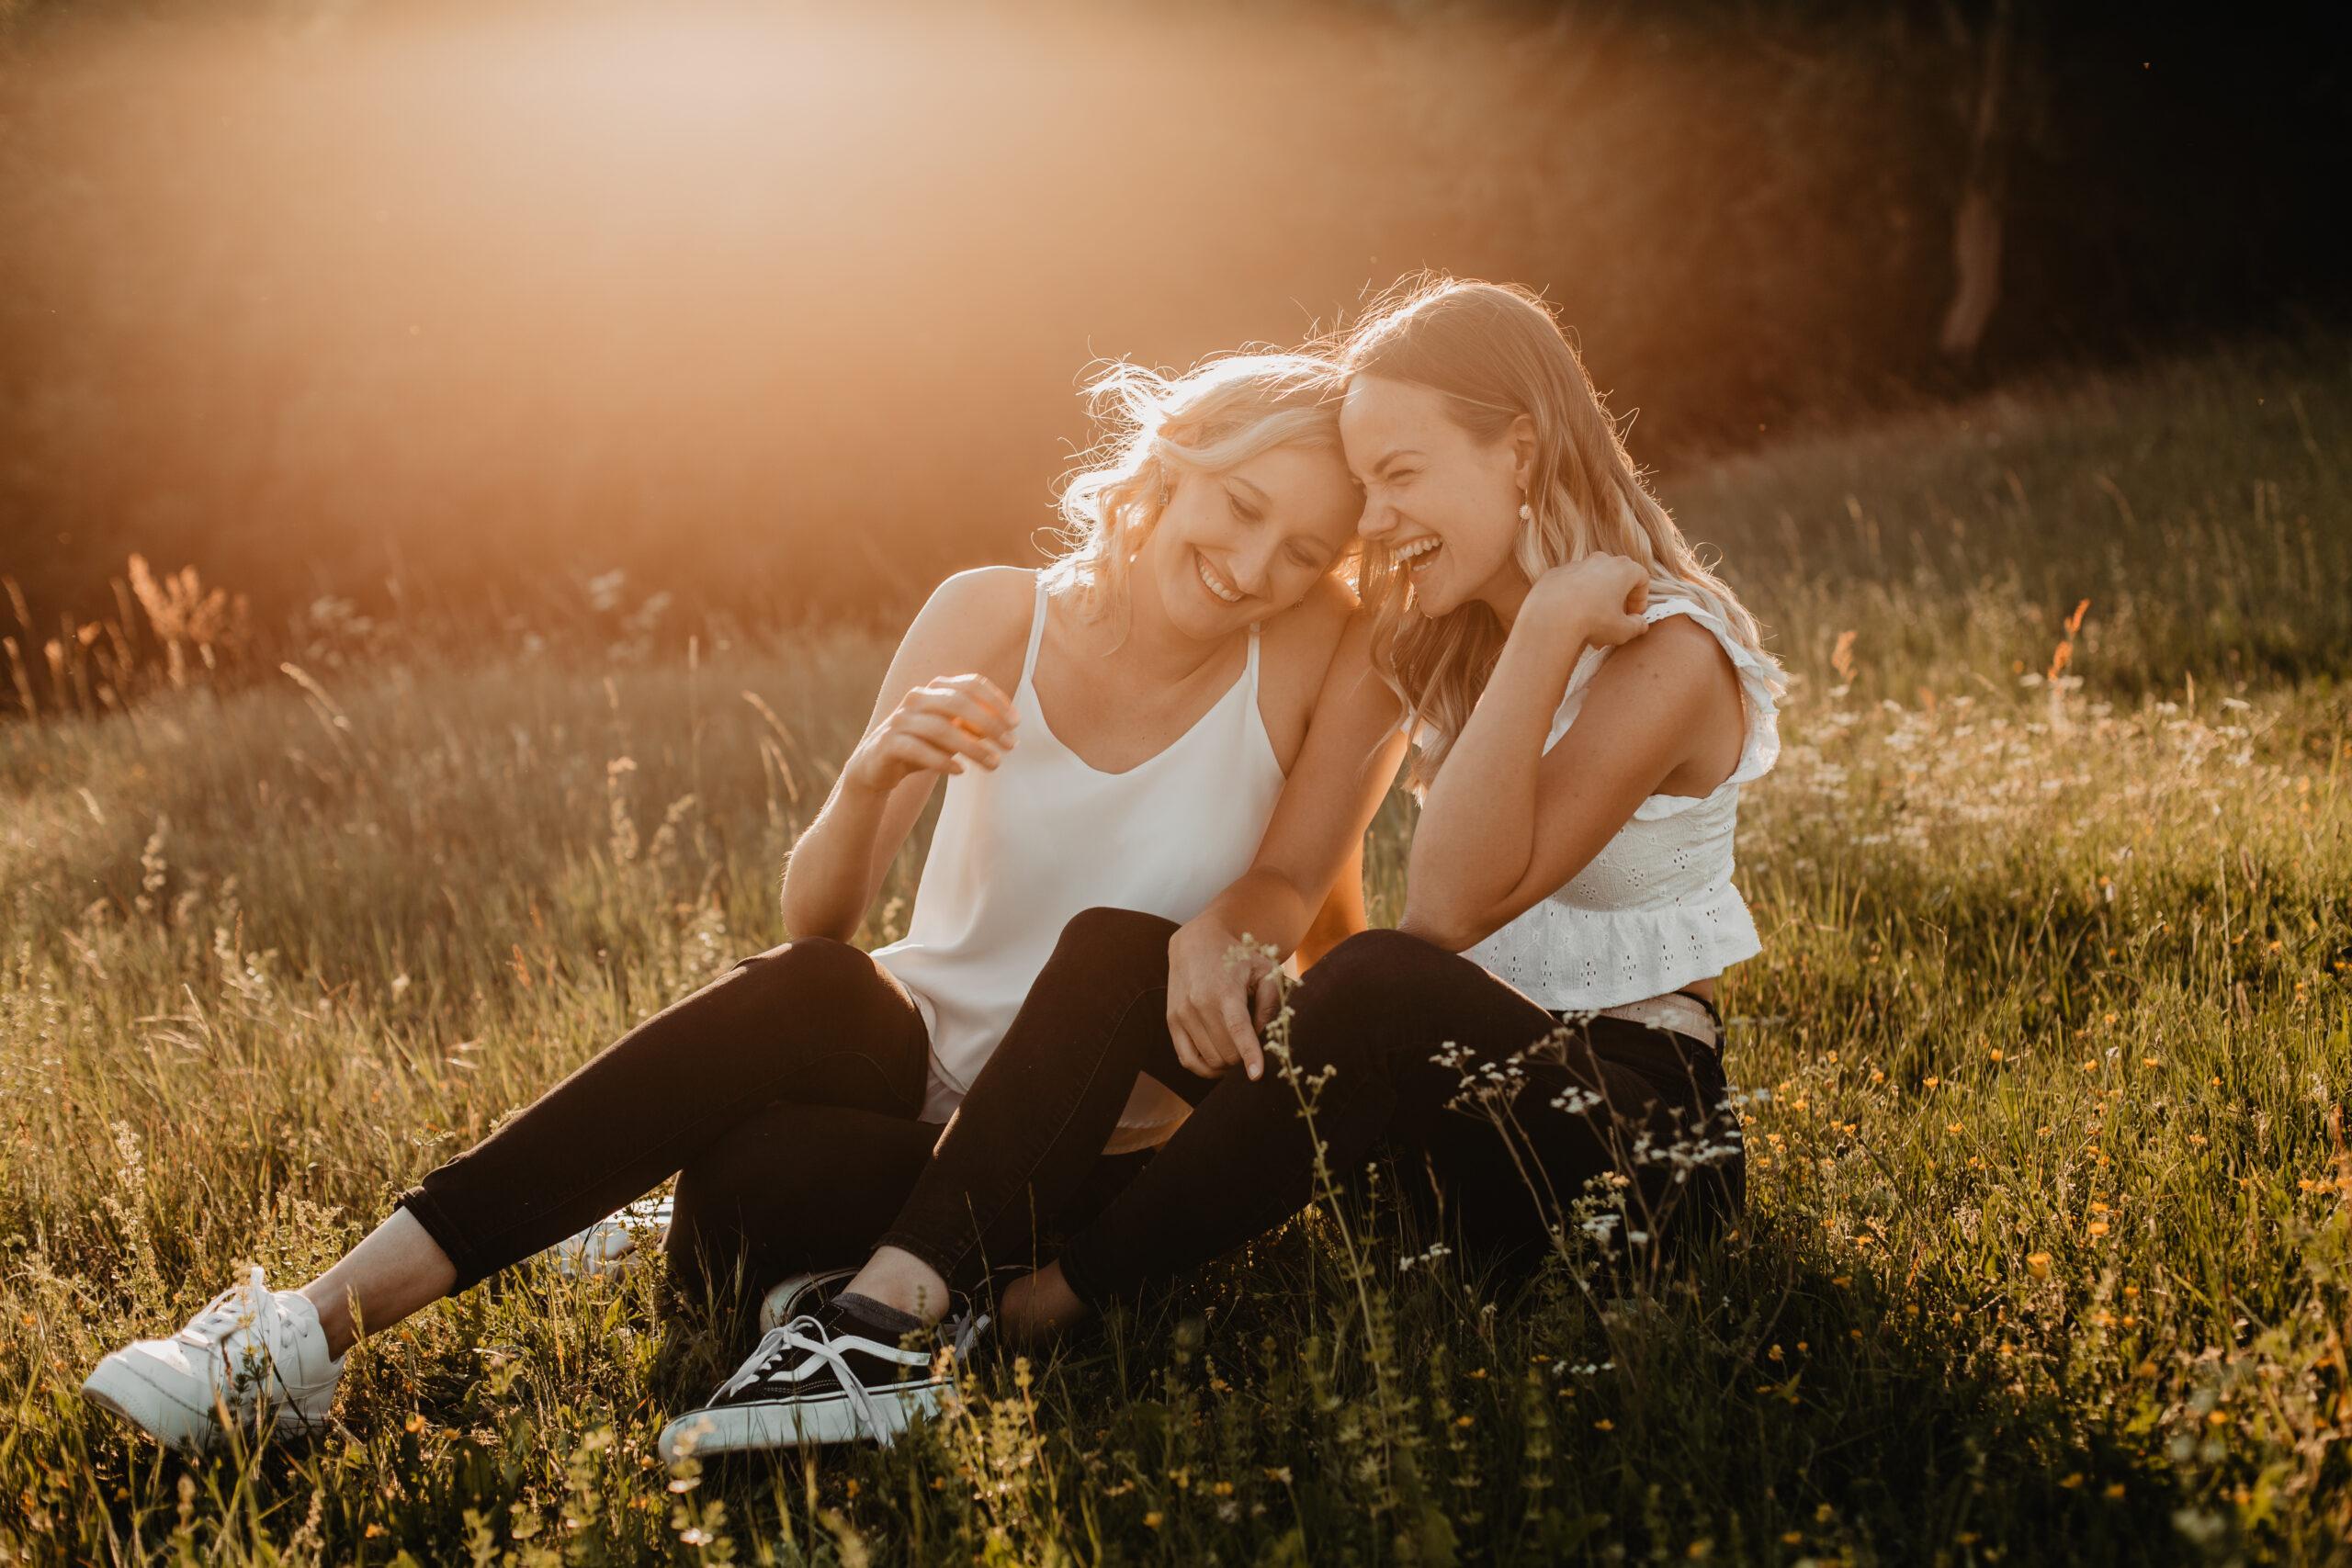 Geschwistershooting in schönem Gegenlicht